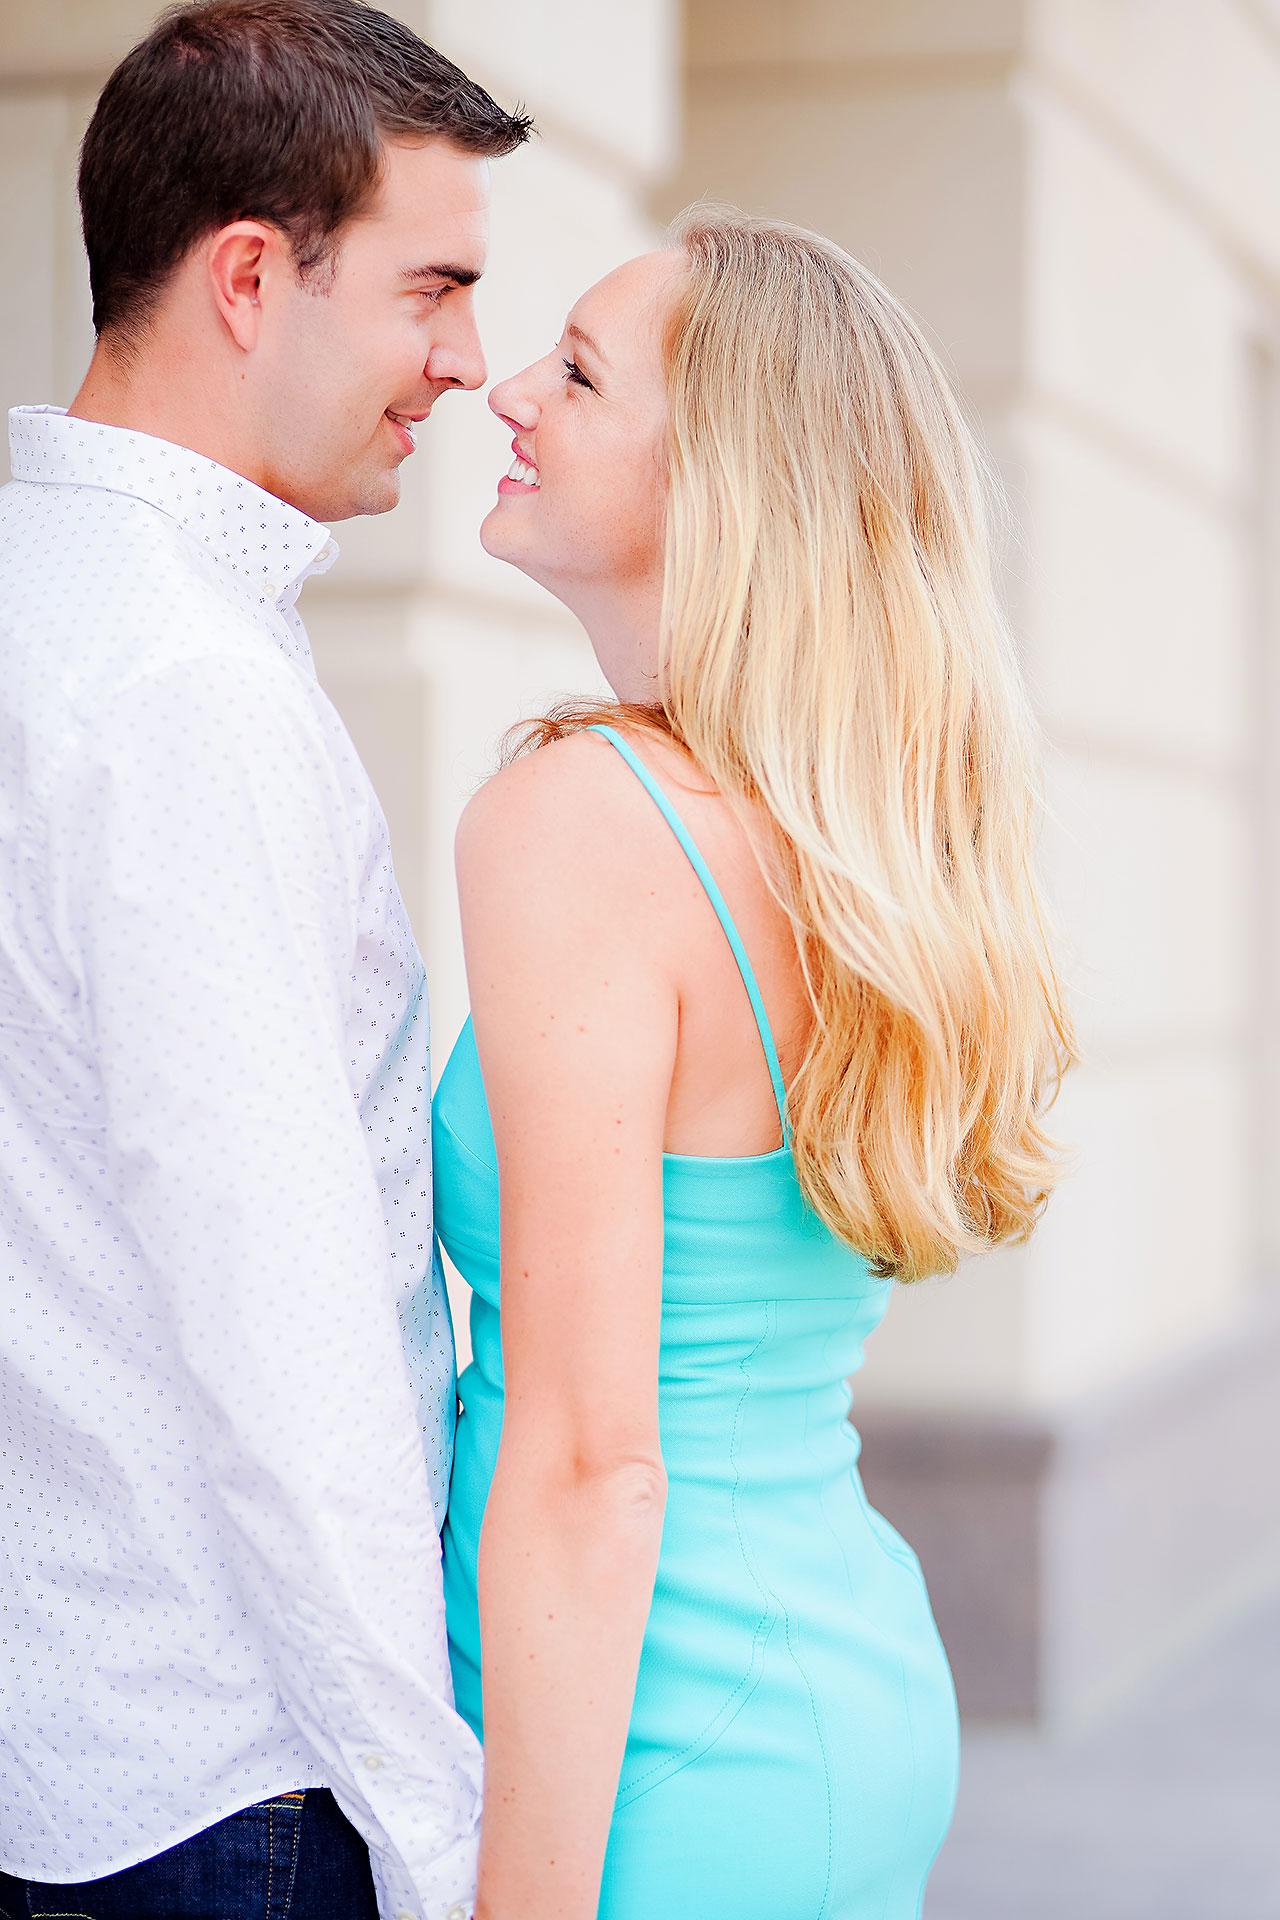 Liz Zach Midtown Carmel Engagement Session 142